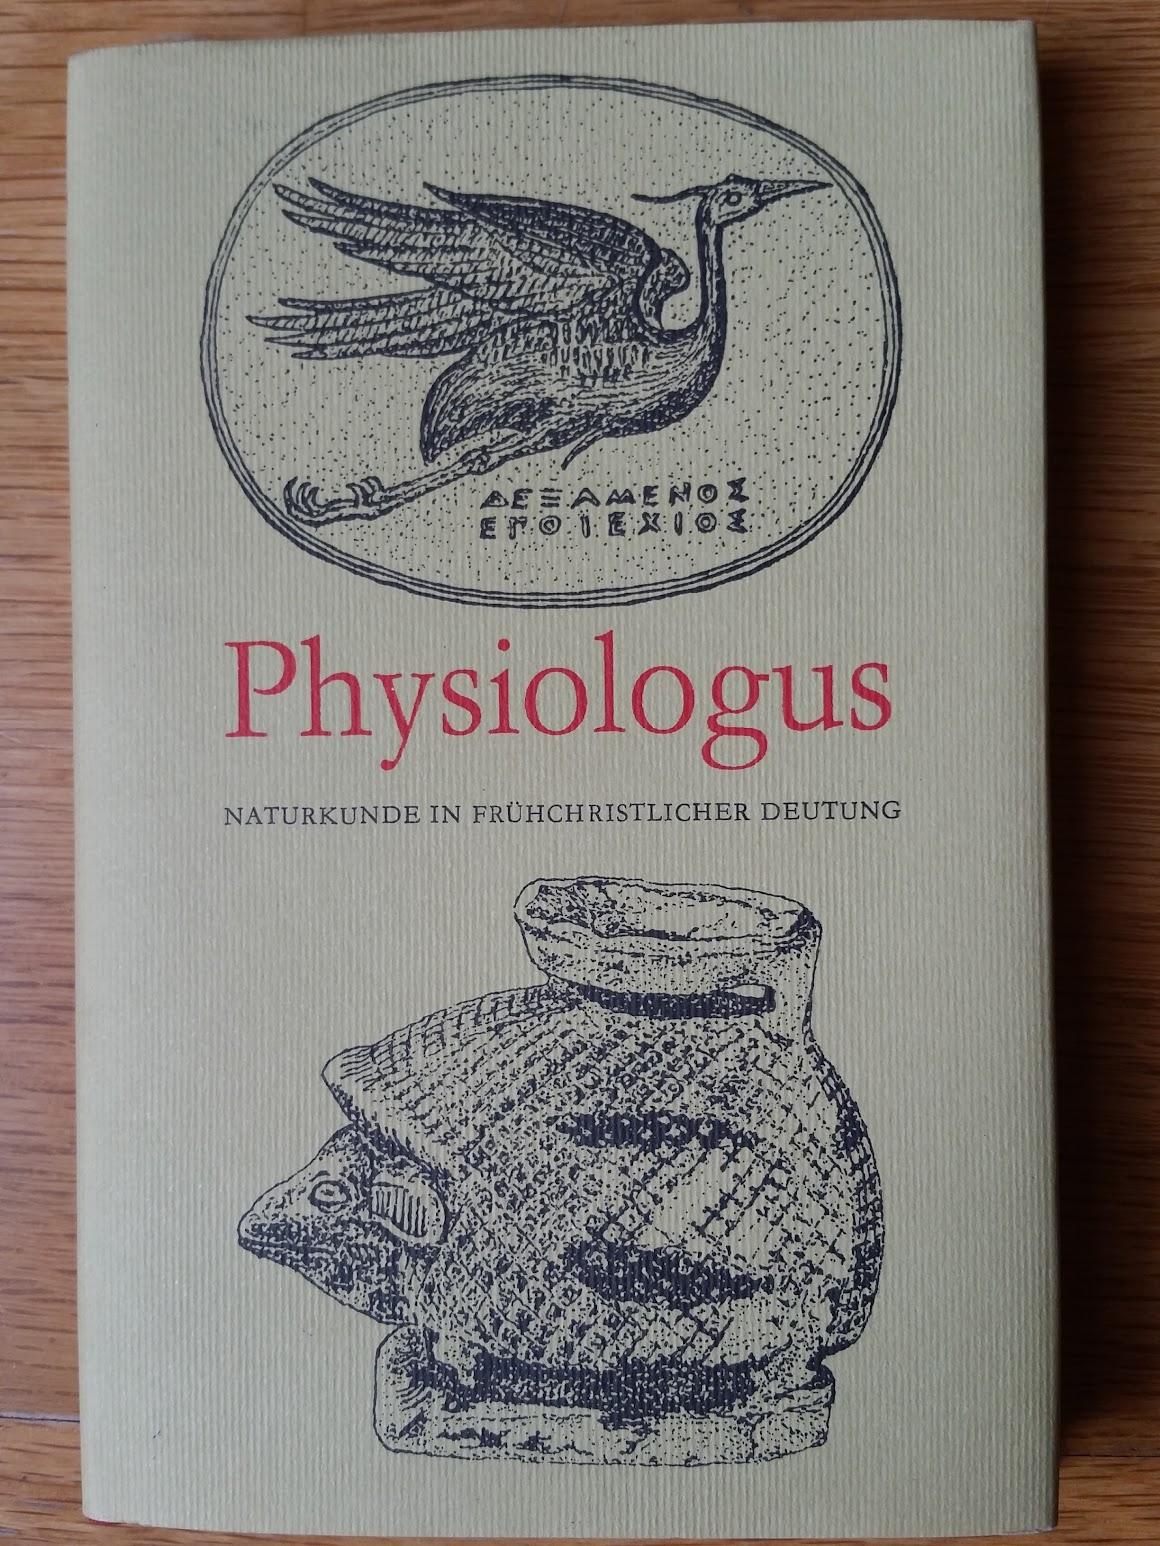 Schön spricht der Physiologus